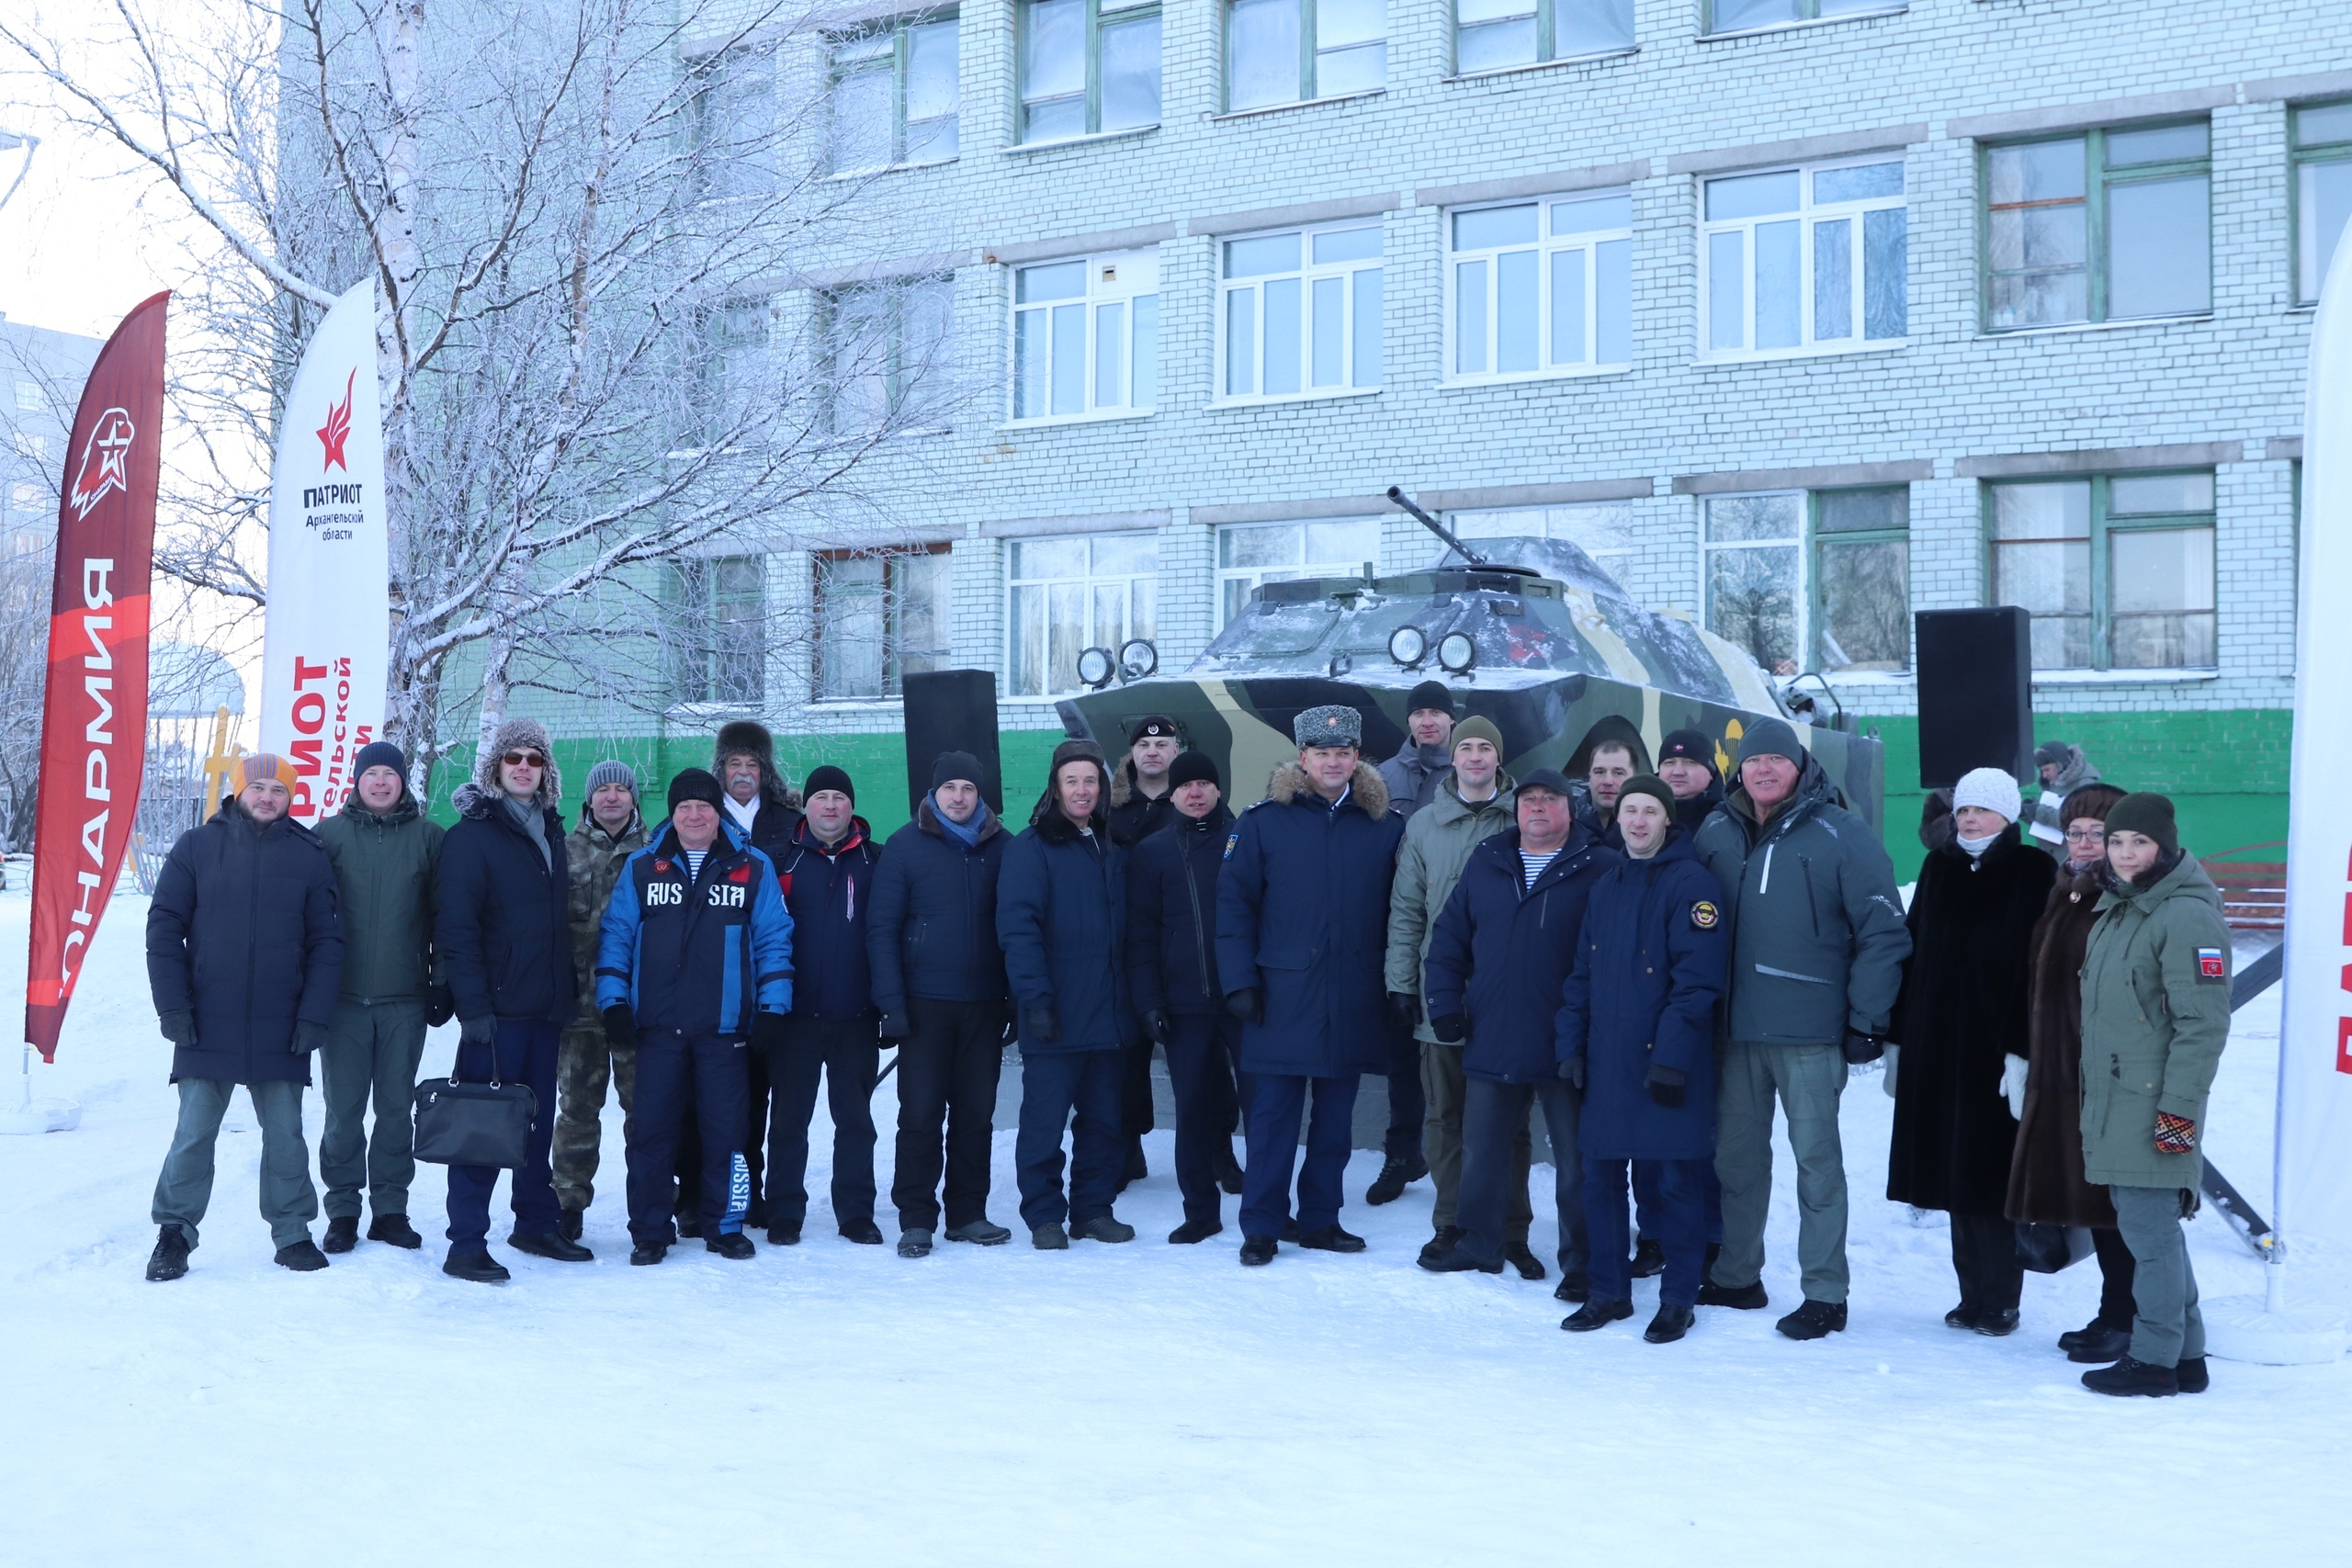 Макет будут использовать для обучения юнармейцев Архангельска